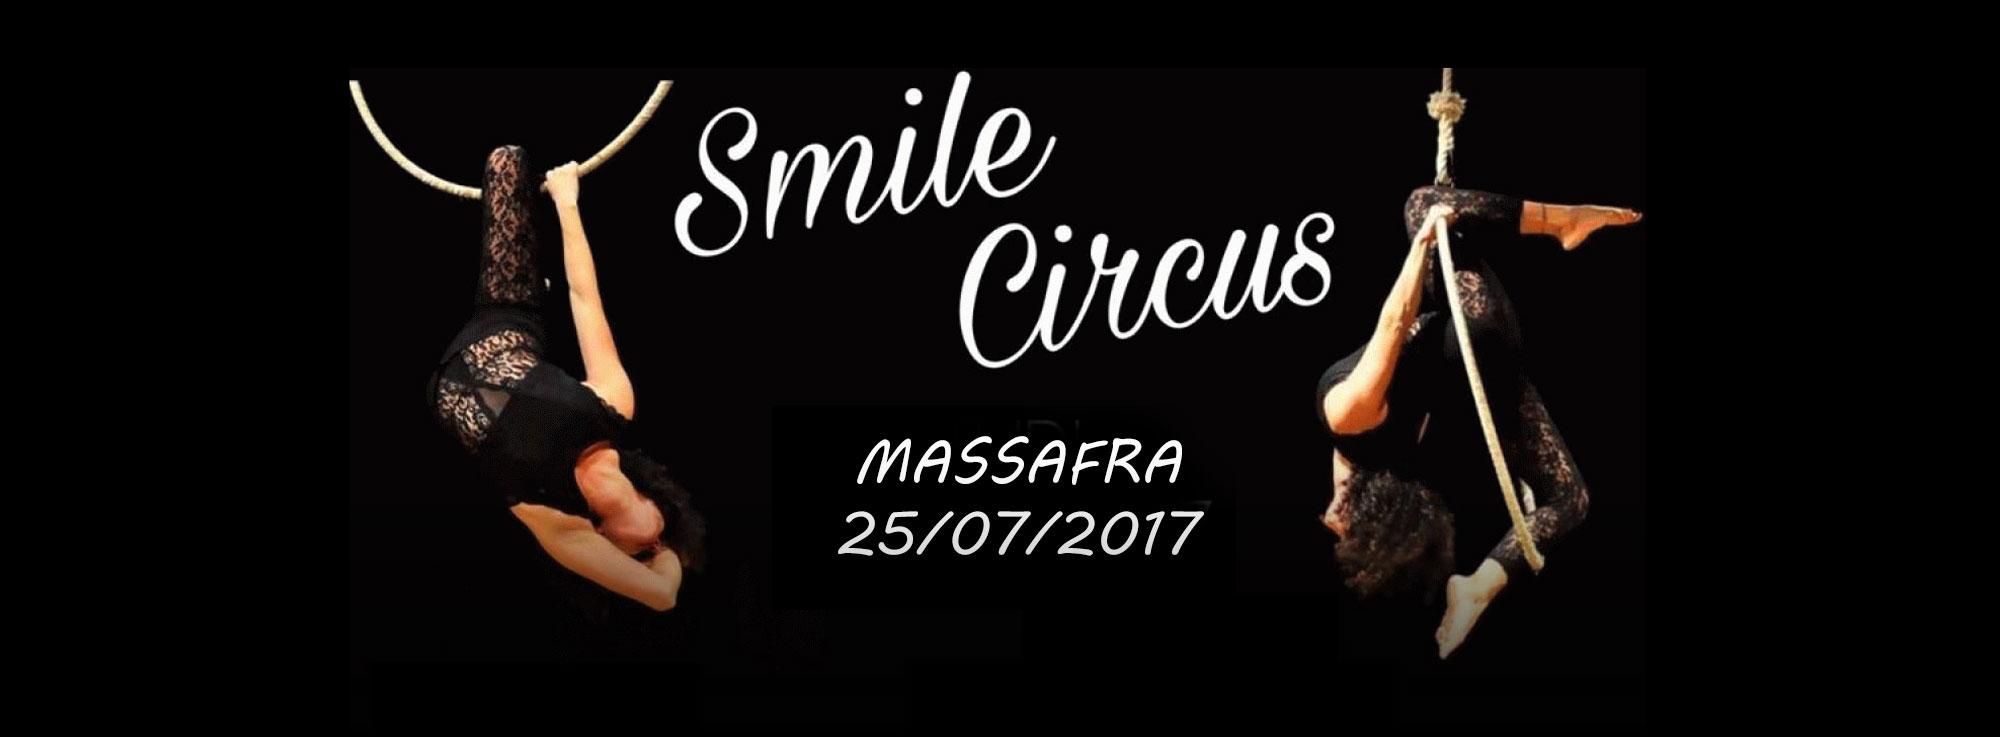 Massafra: Smile Circus